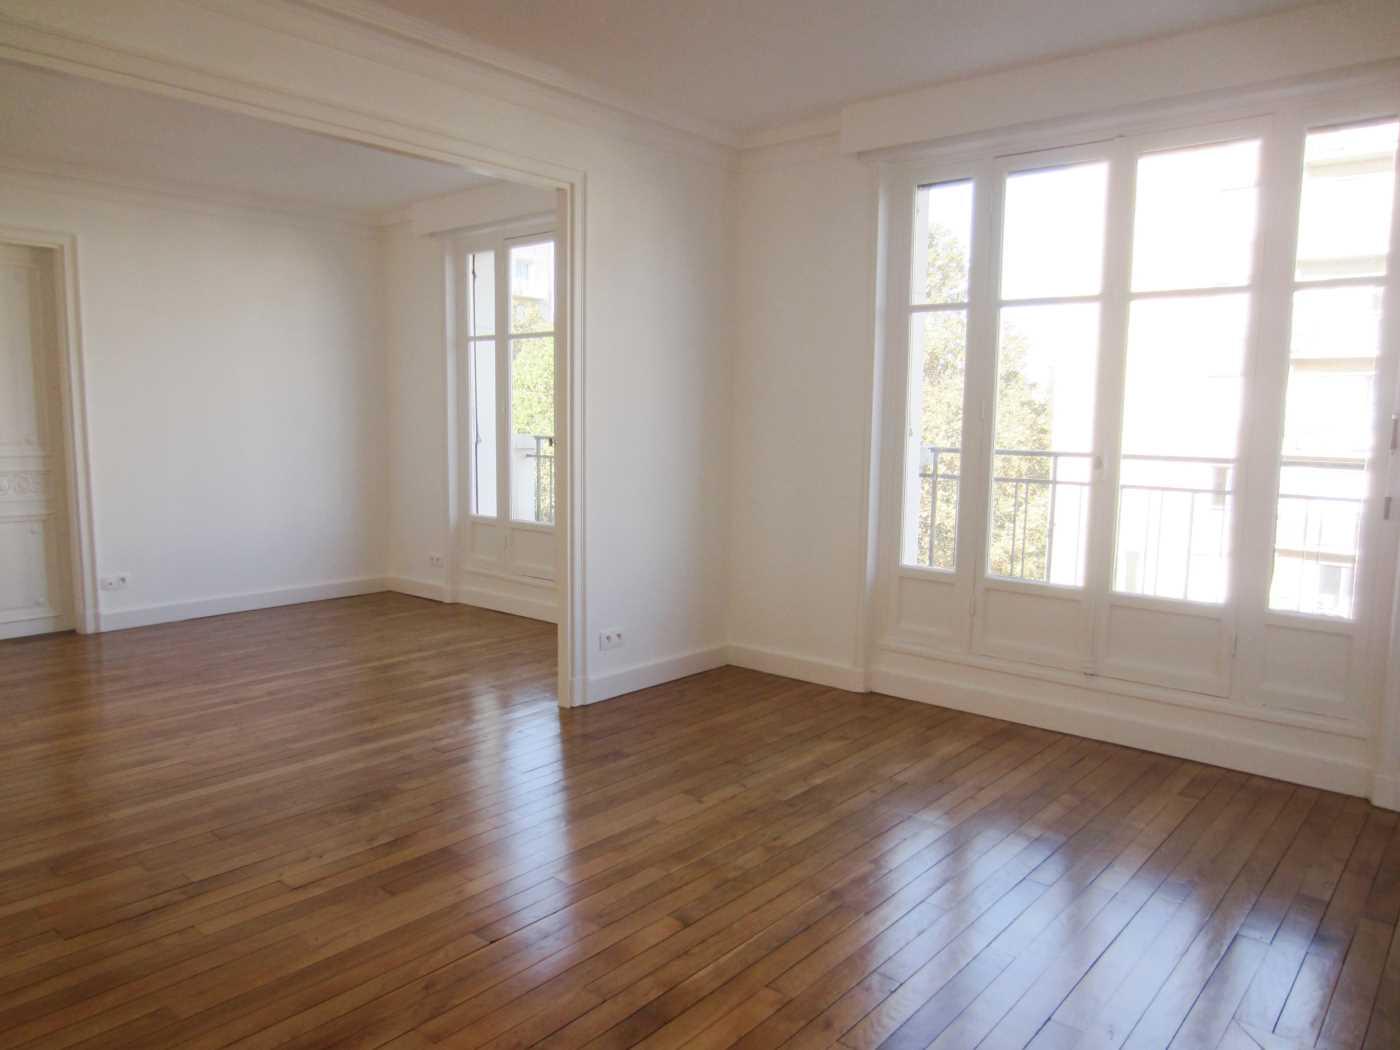 Le bricolage pour s'installer dans un nouvel appartement